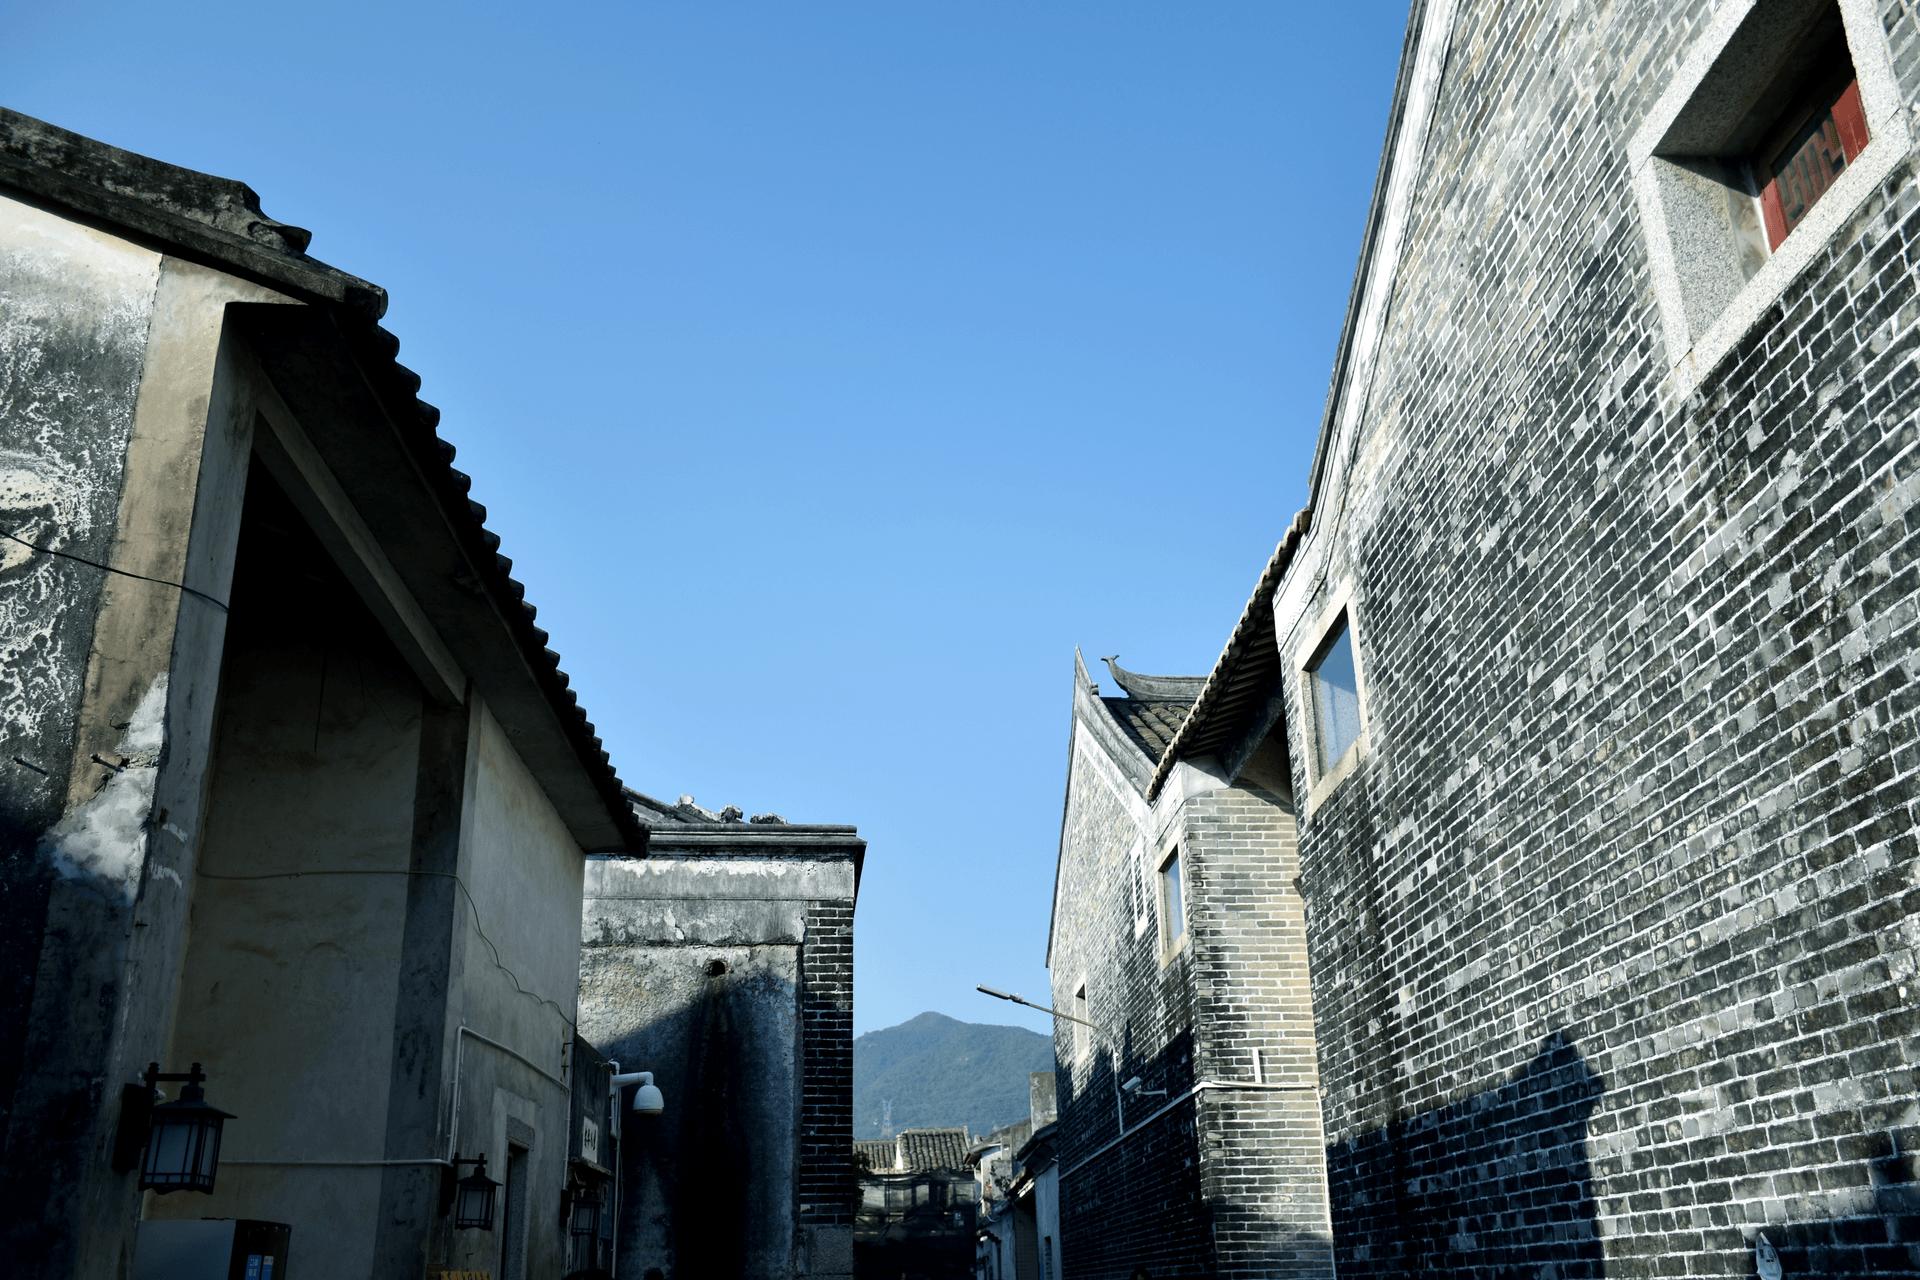 深圳有一座600多年的古城,免费开放游客却不多